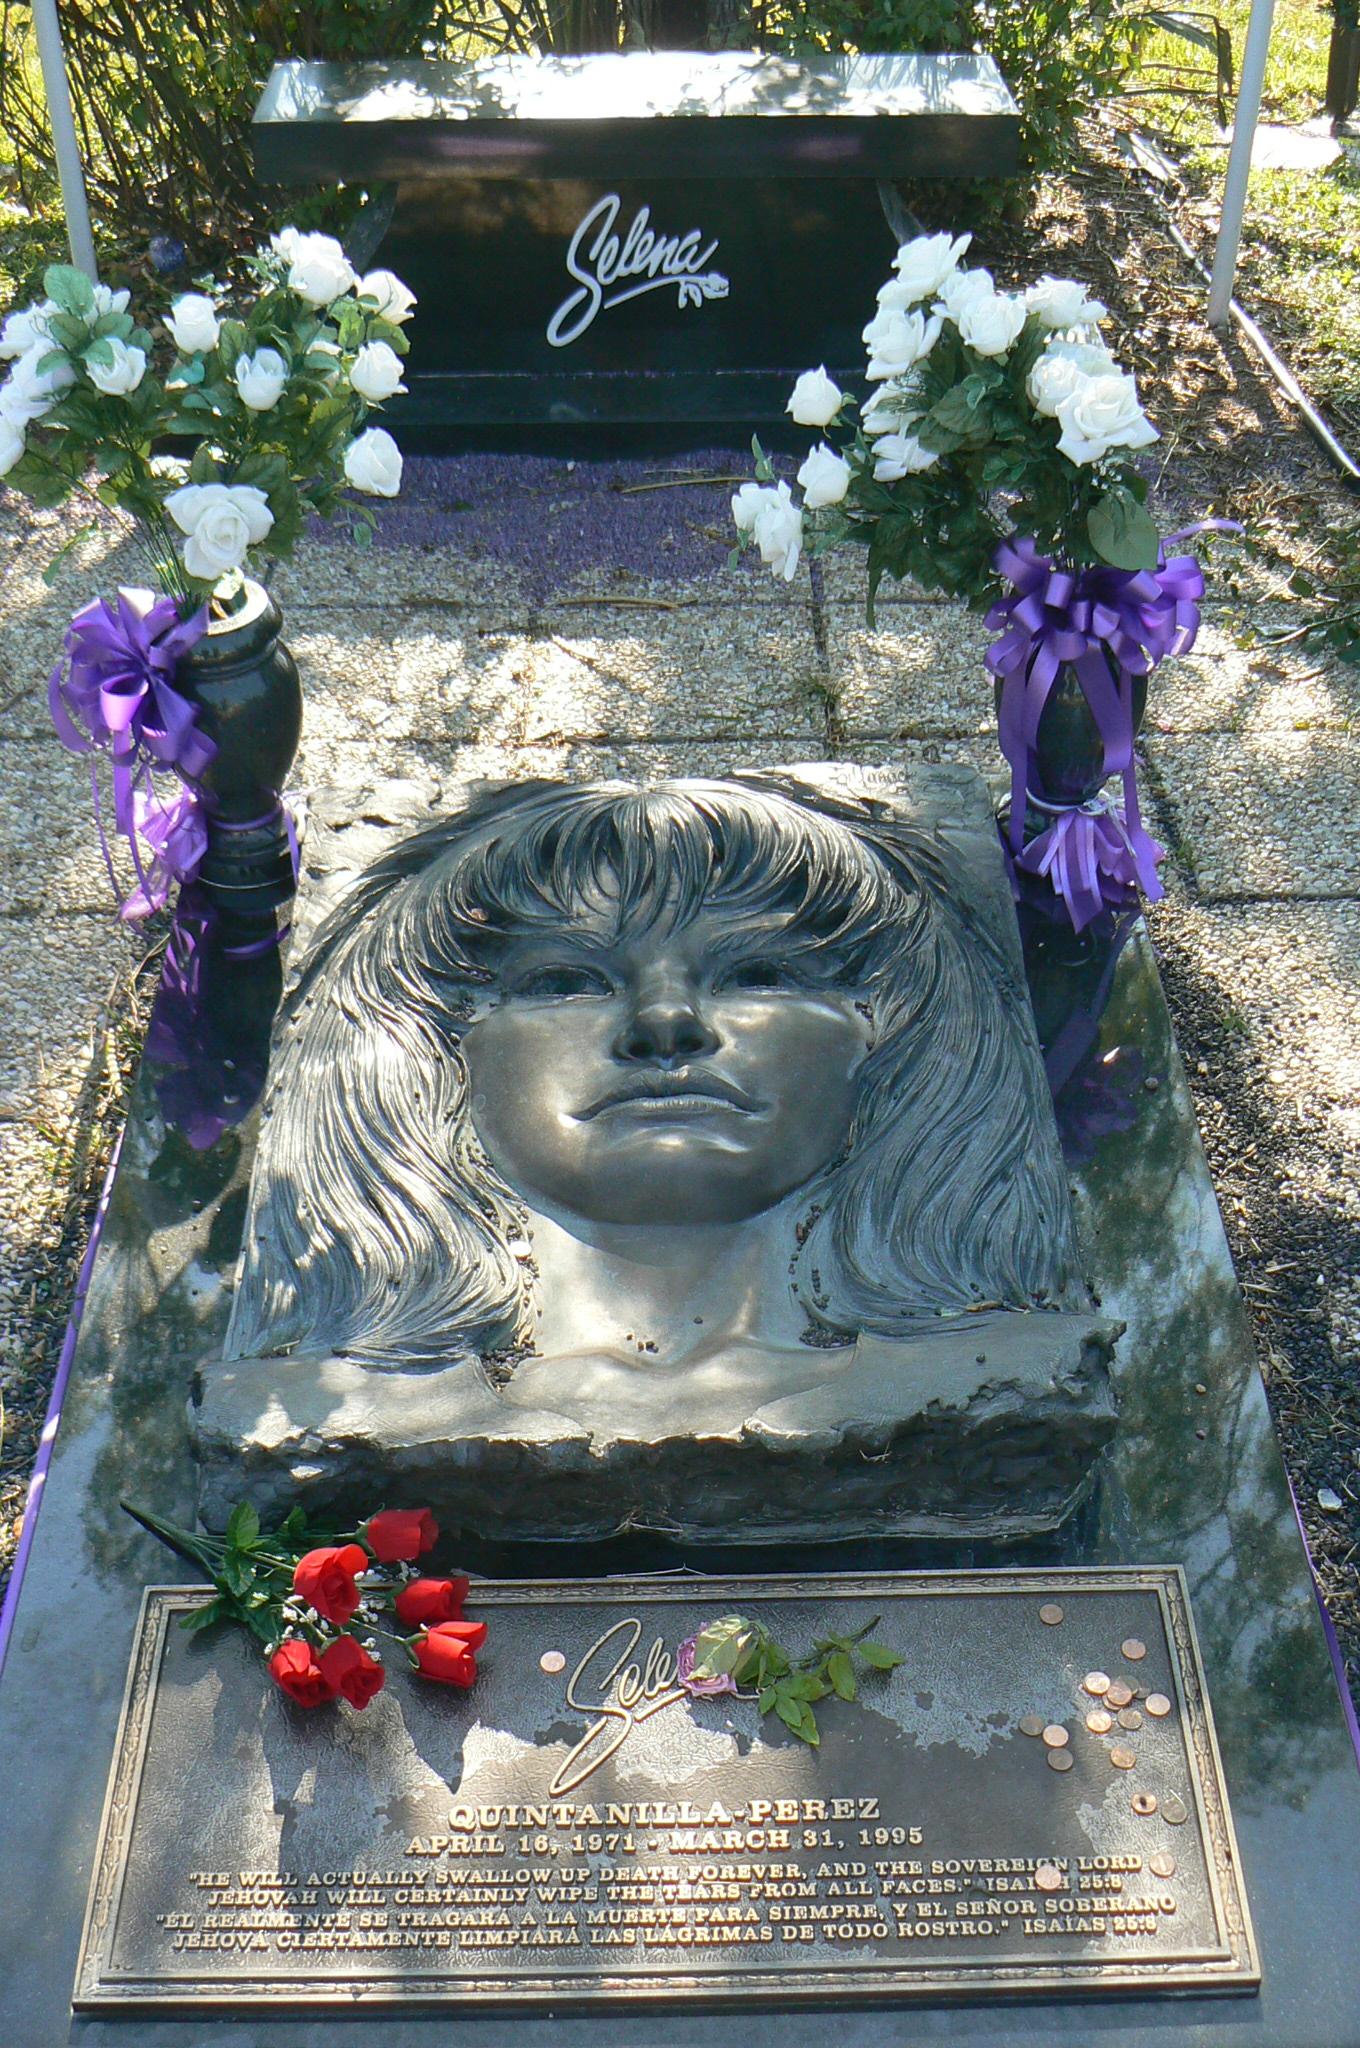 File:Selena Quintanilla-Perez's grave.jpg - Wikipedia, the free ...